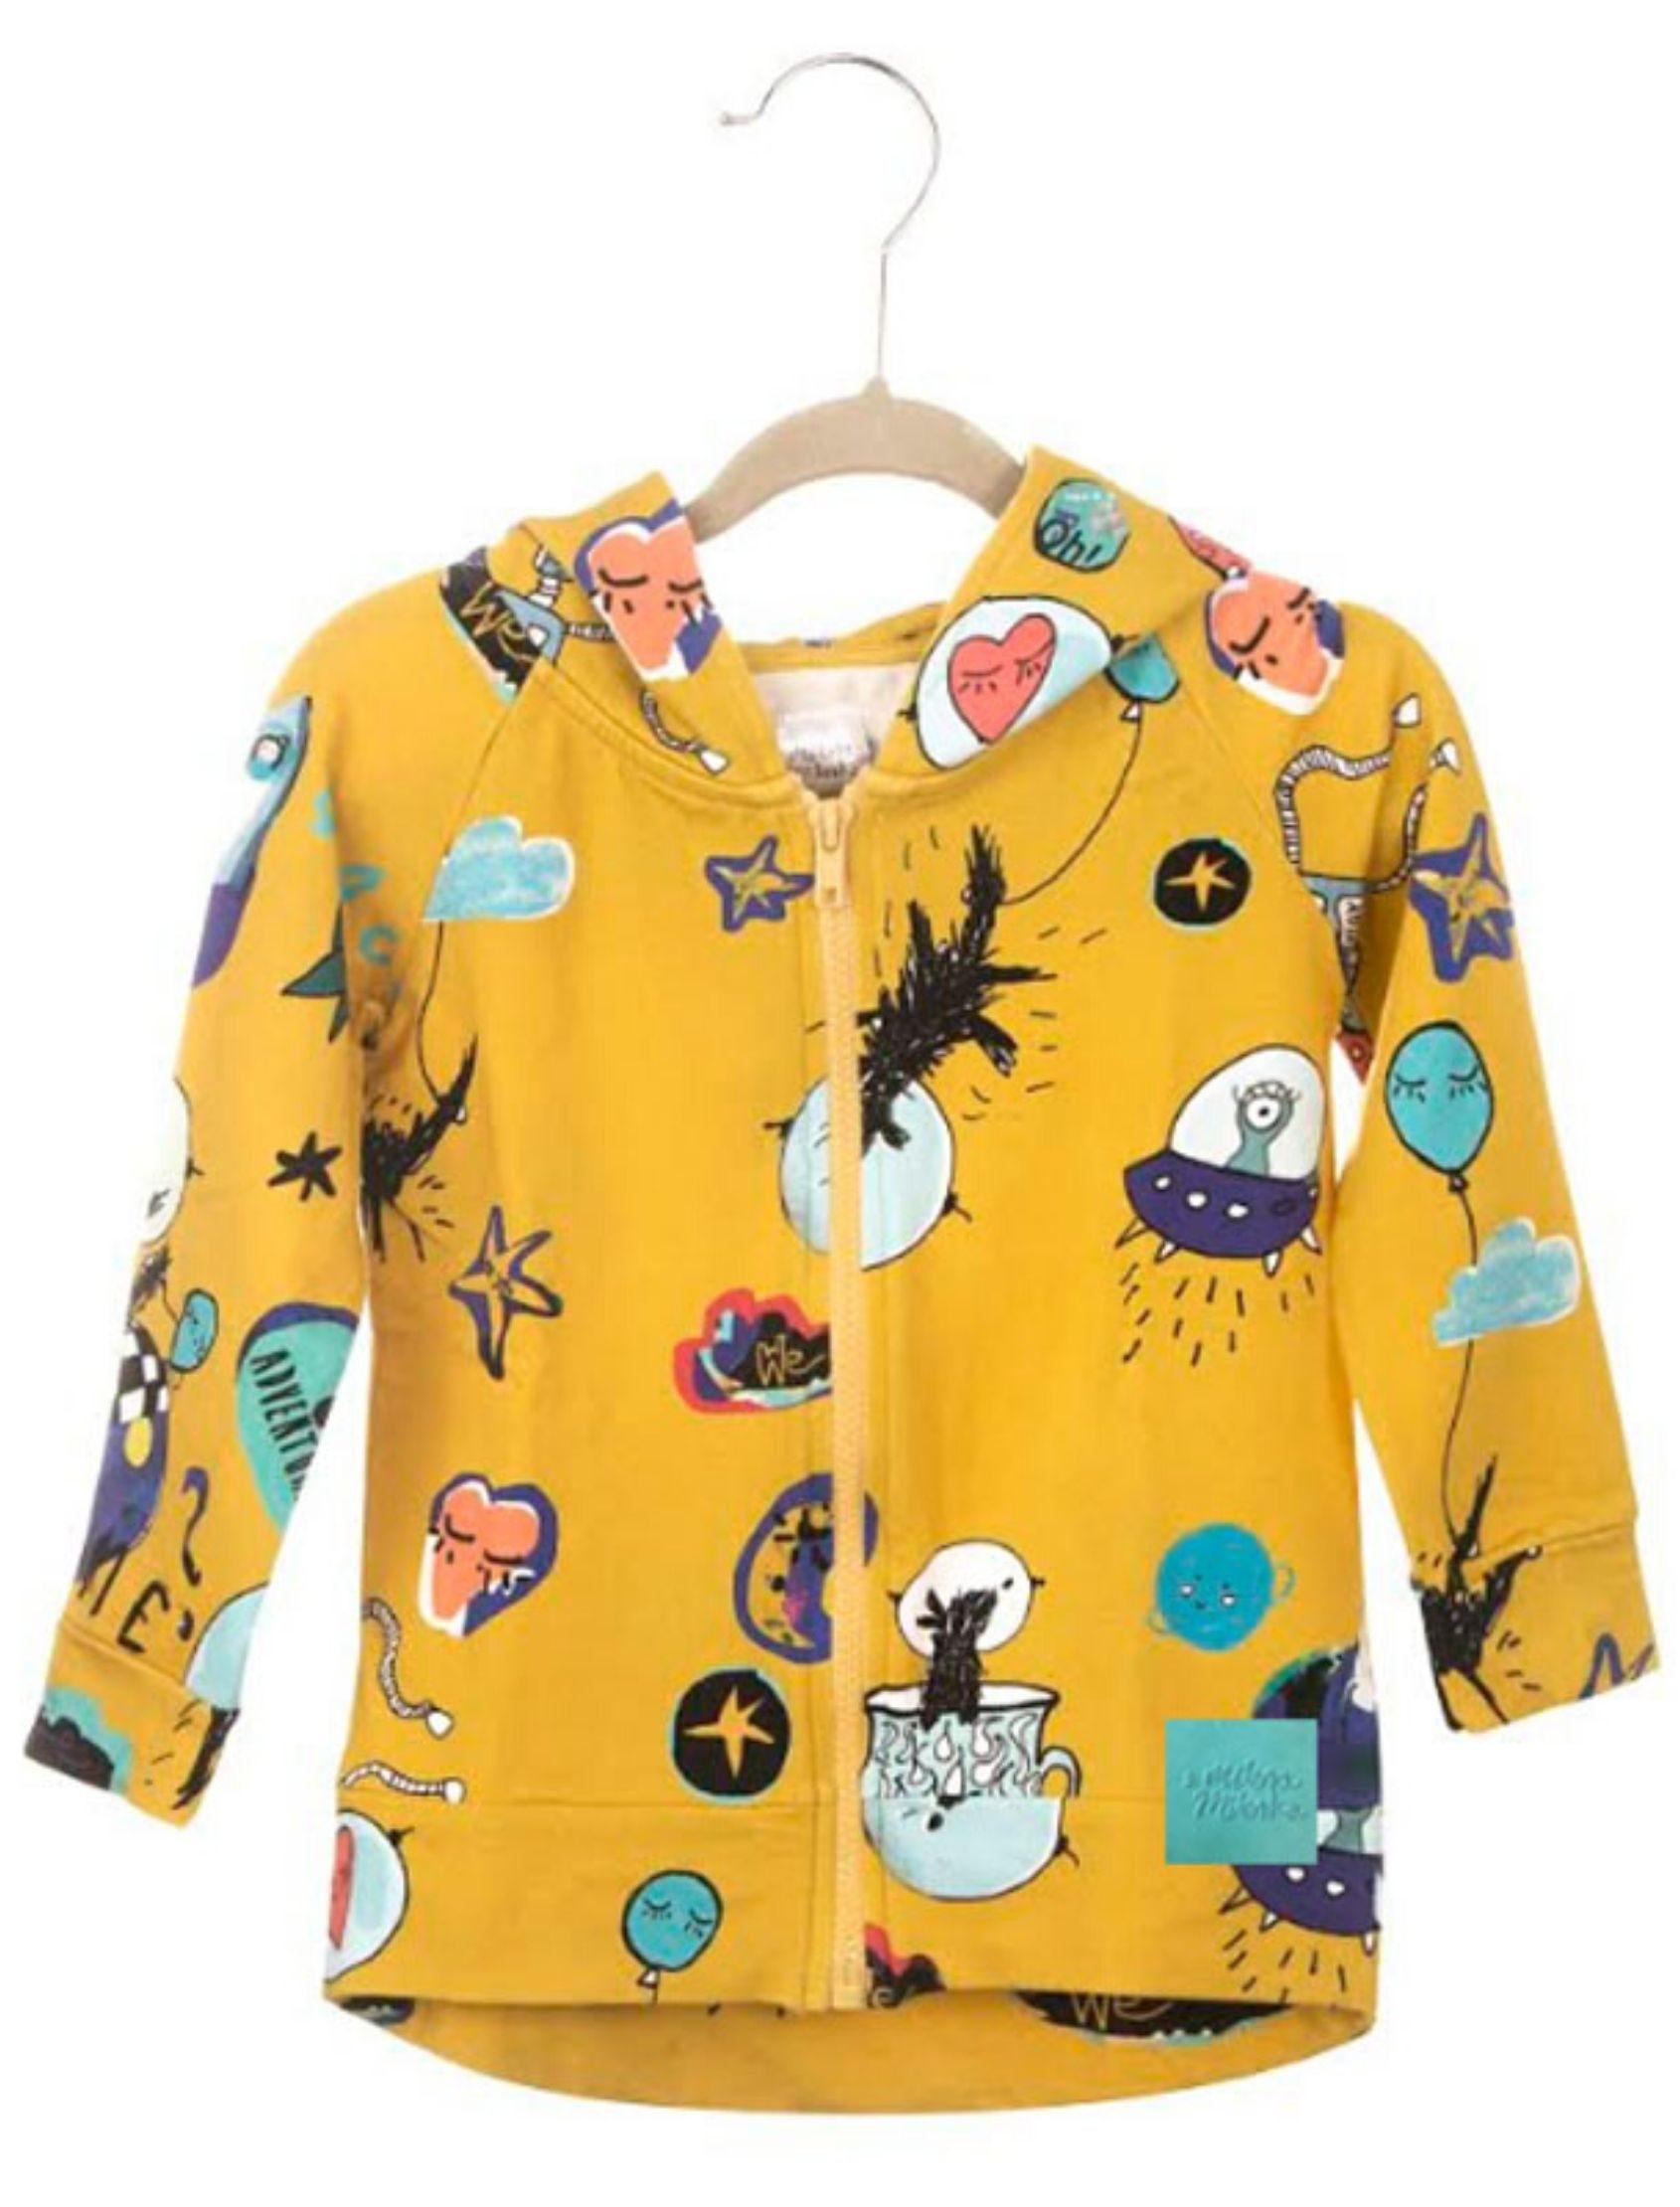 Sudadera amarilla con estampado multicolor. Unisex para niños exploradores con capucha y cremallera.